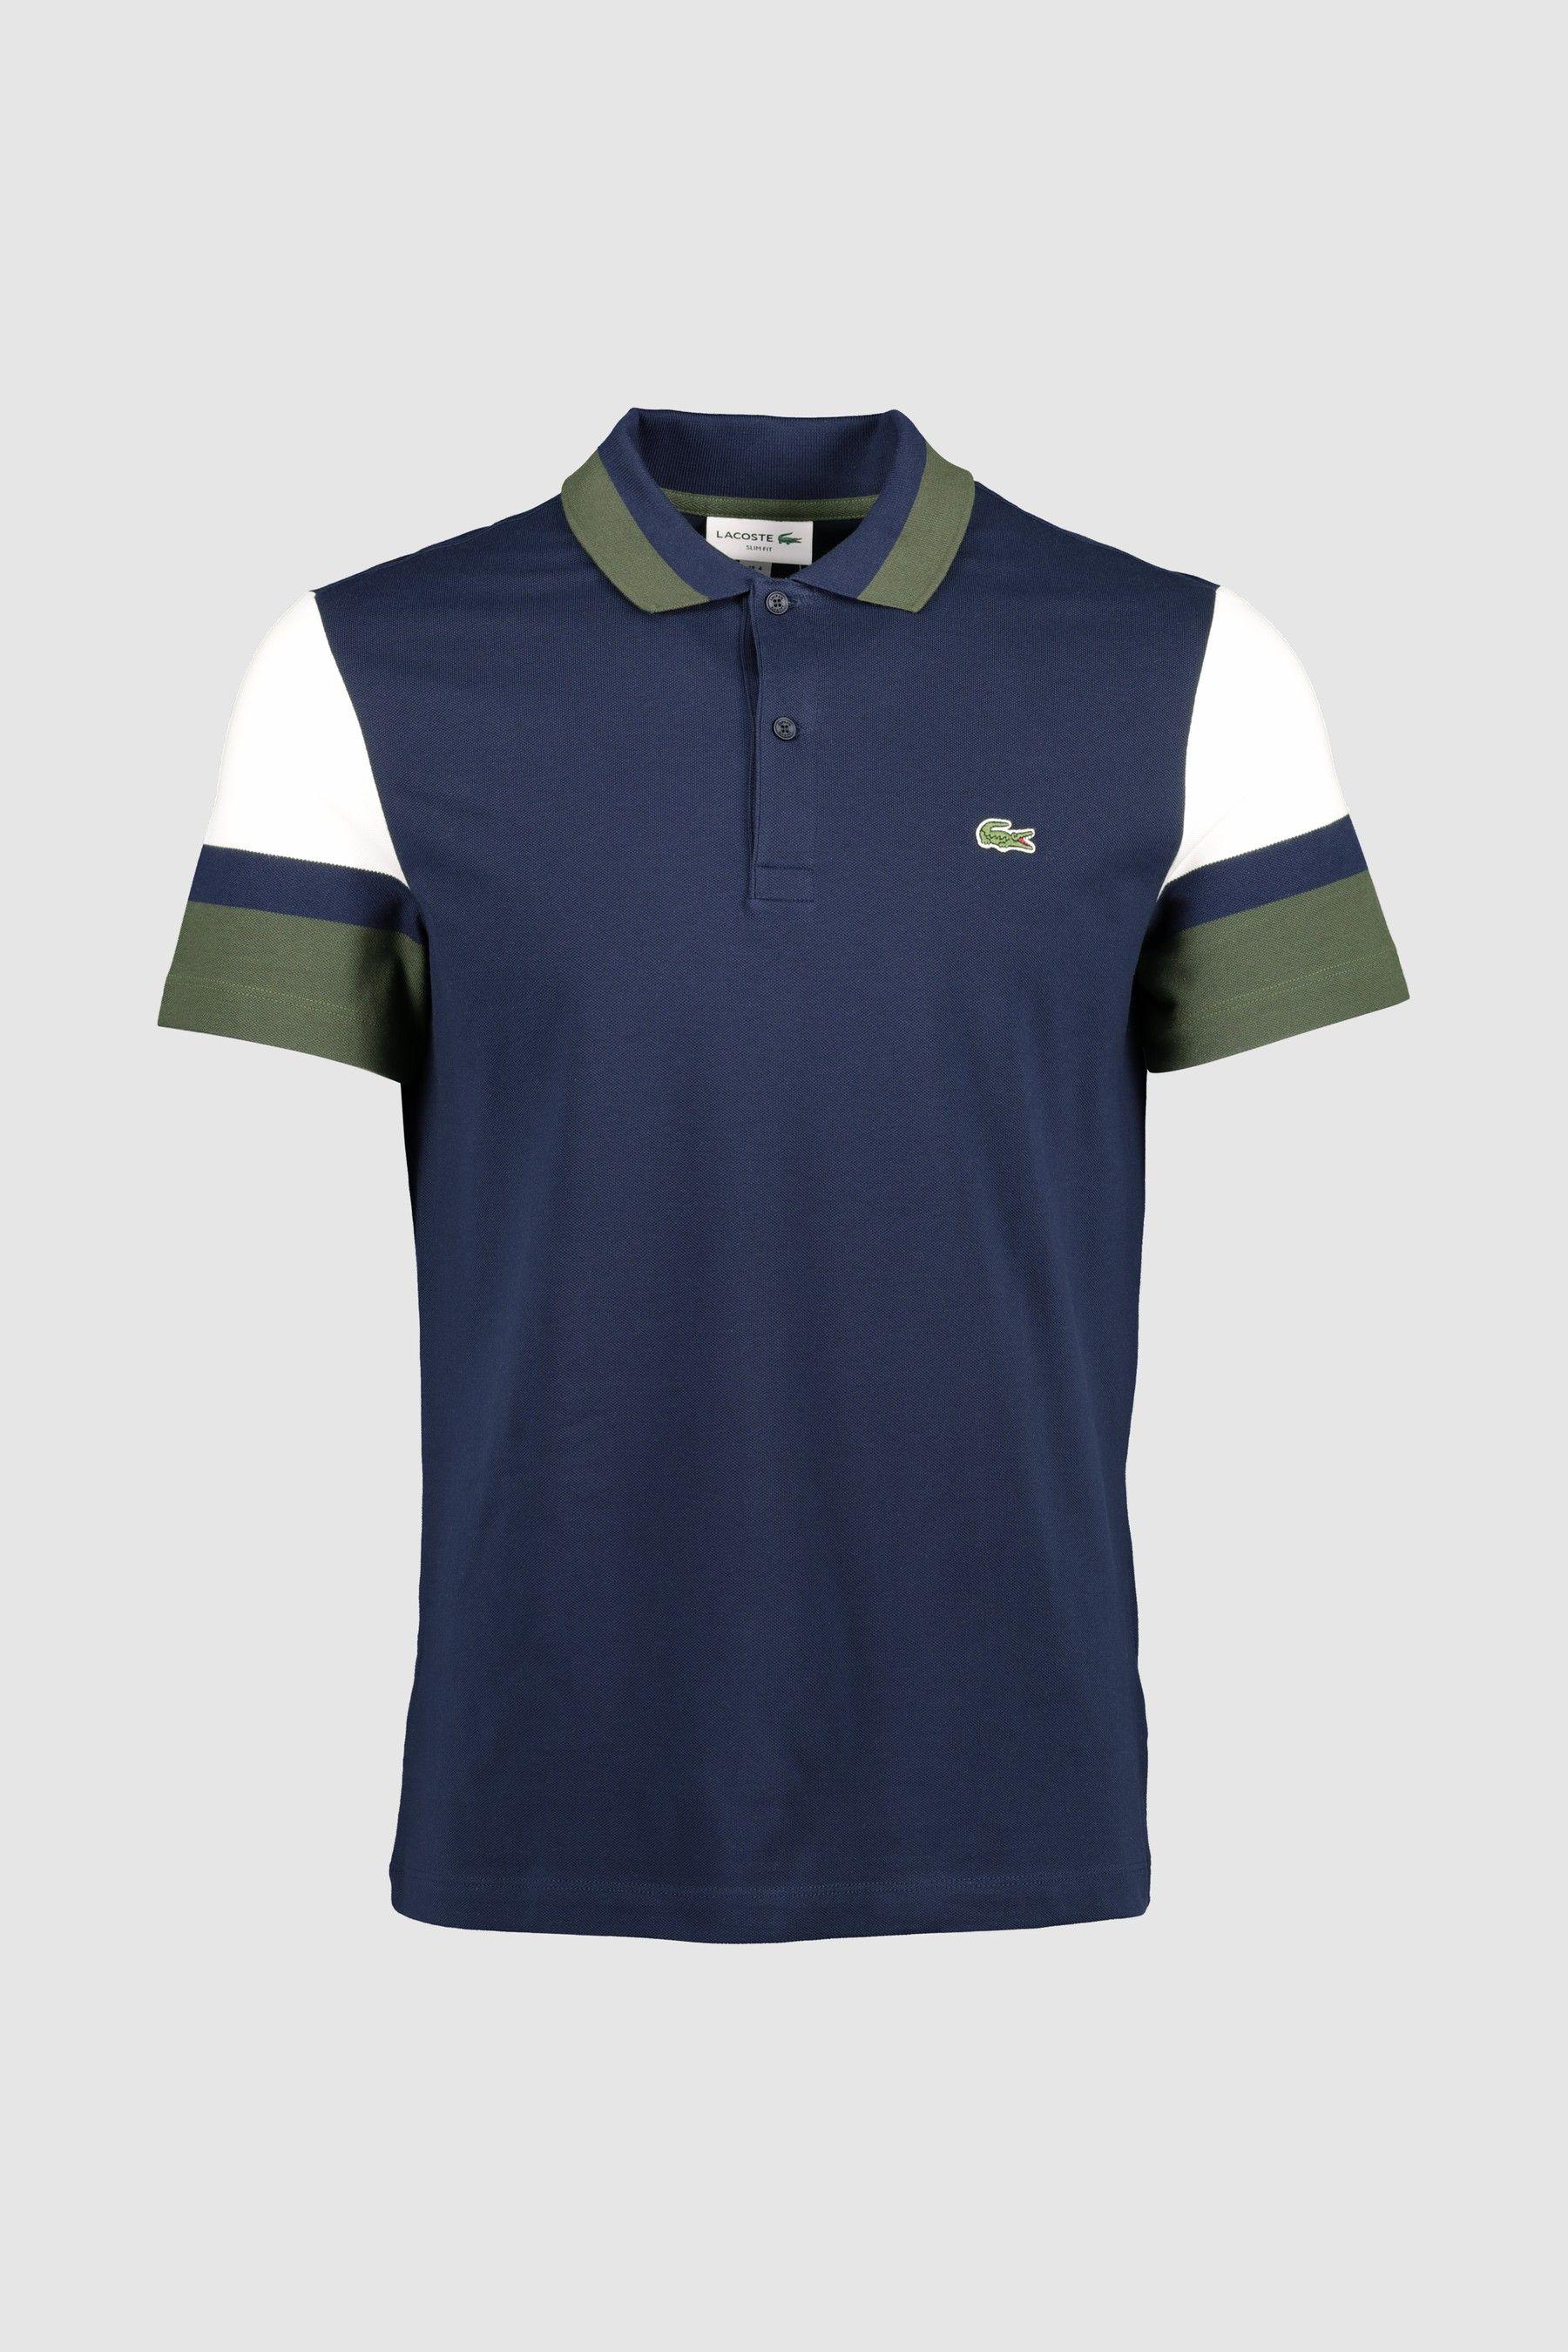 Mens Lacoste Colourblock Green Polo - Blue | Polo shirt design ...